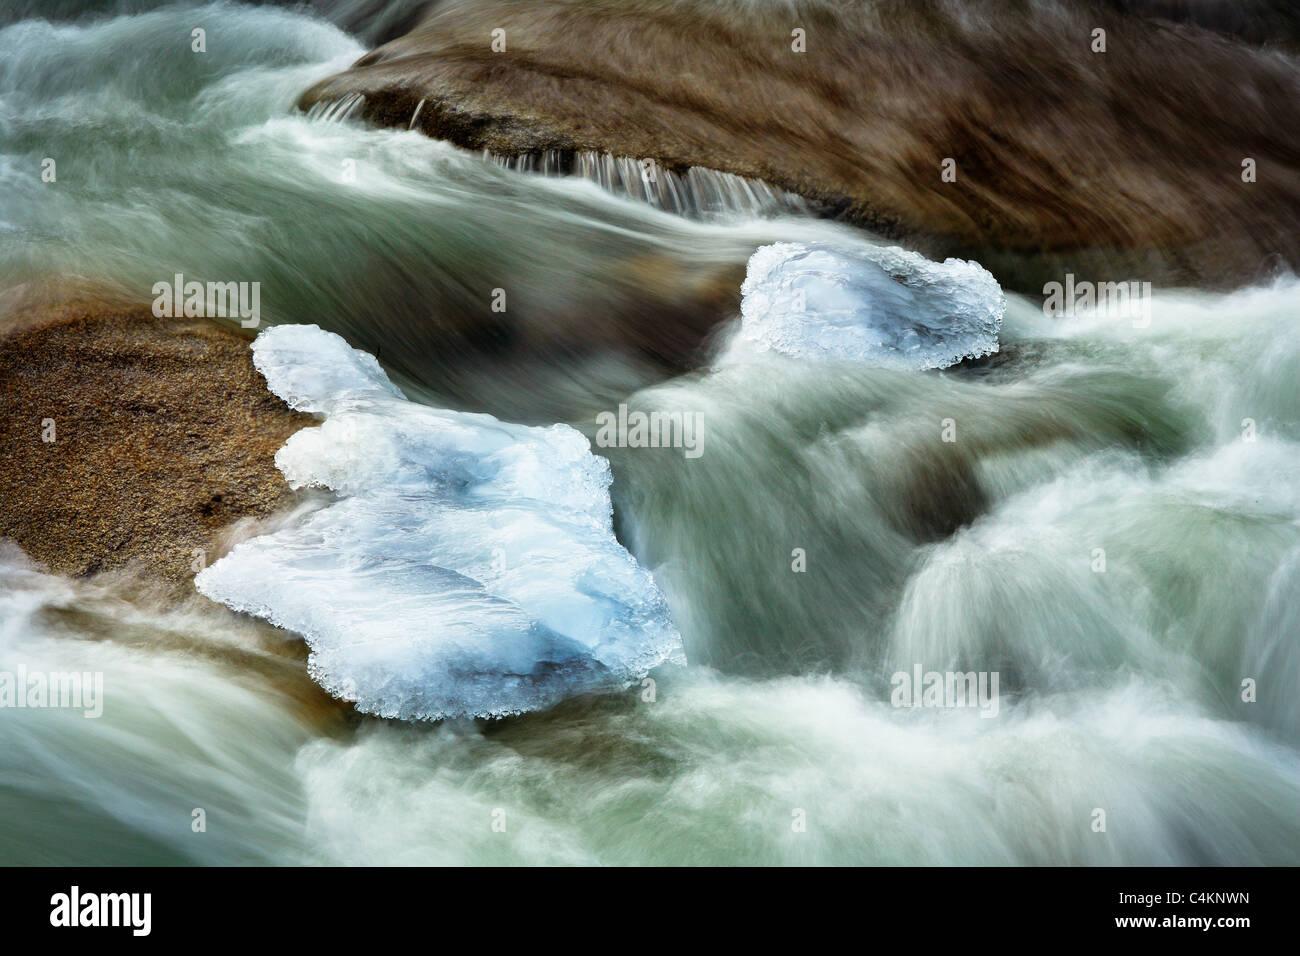 Les rochers et la glace dans Icicle Creek à Leavenworth's Icicle Creek, Washington state Photo Stock